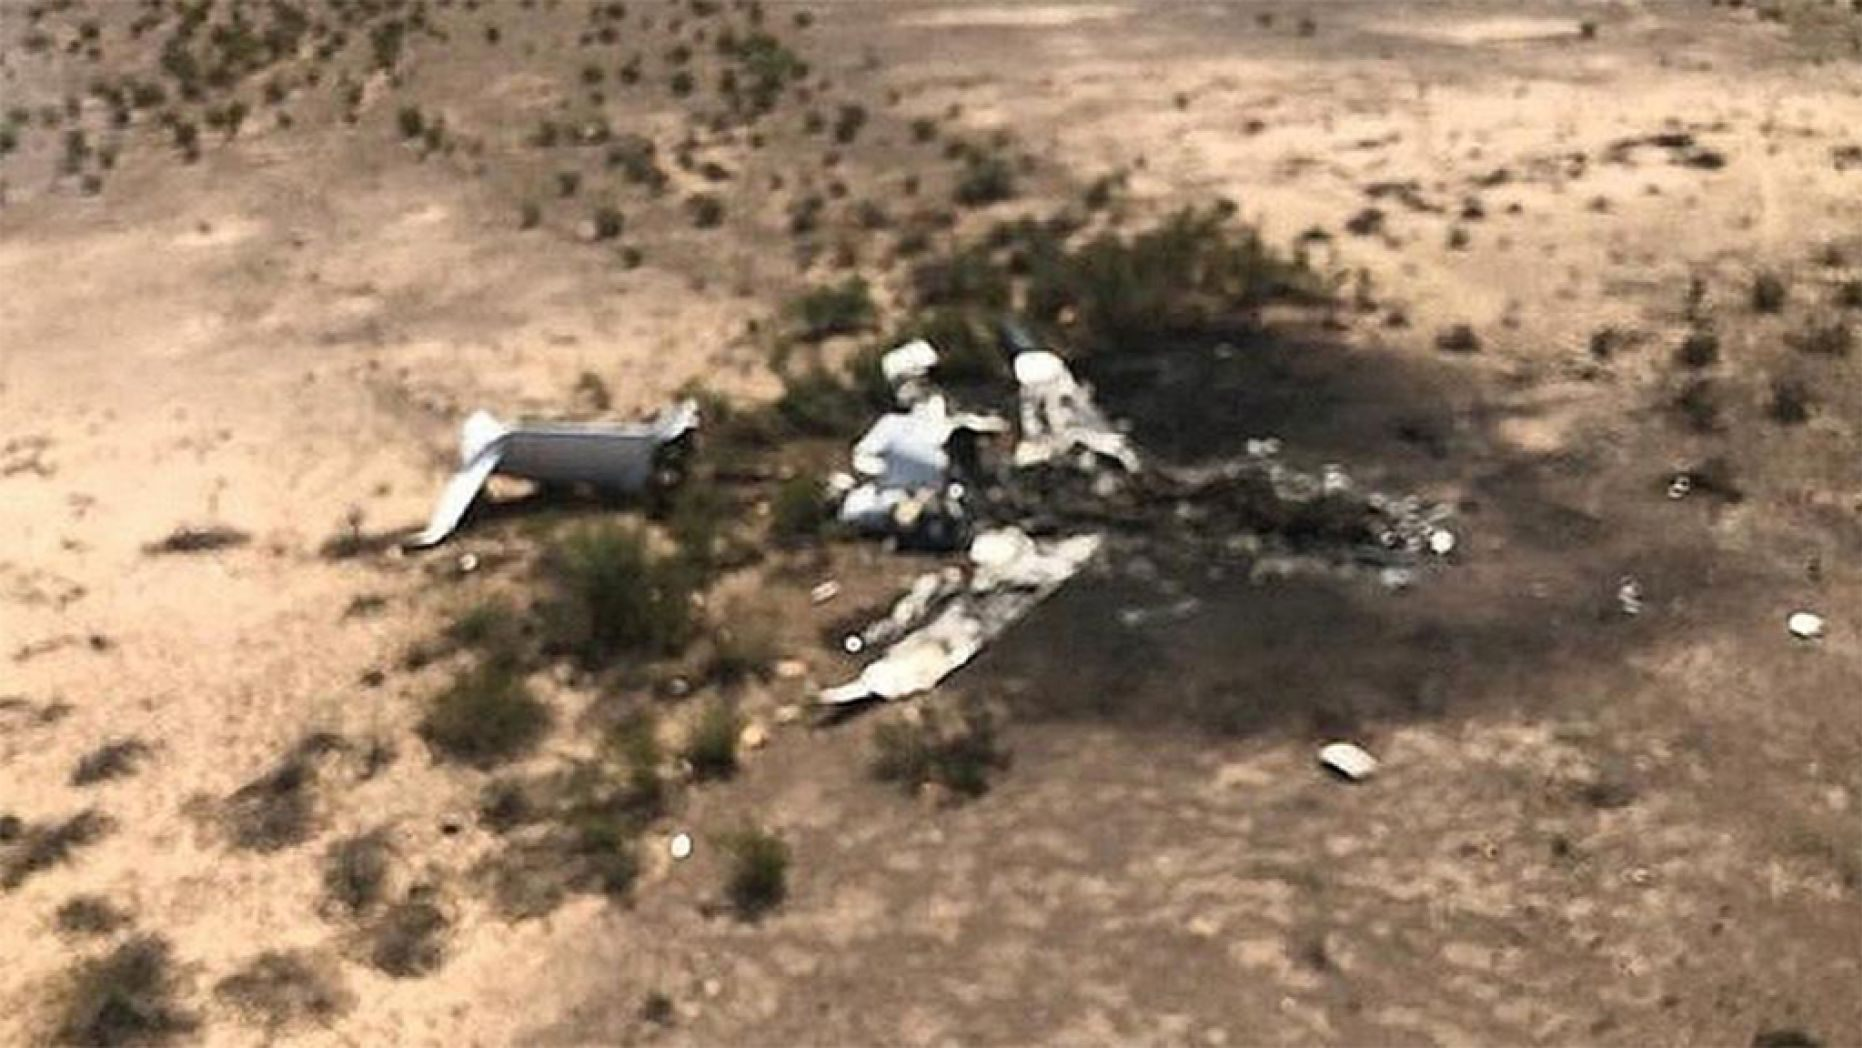 賭城5日傍晚起飛的一架私人飛機墜毀於墨西哥北部山城 機上13人不幸罹難。 Abc 4